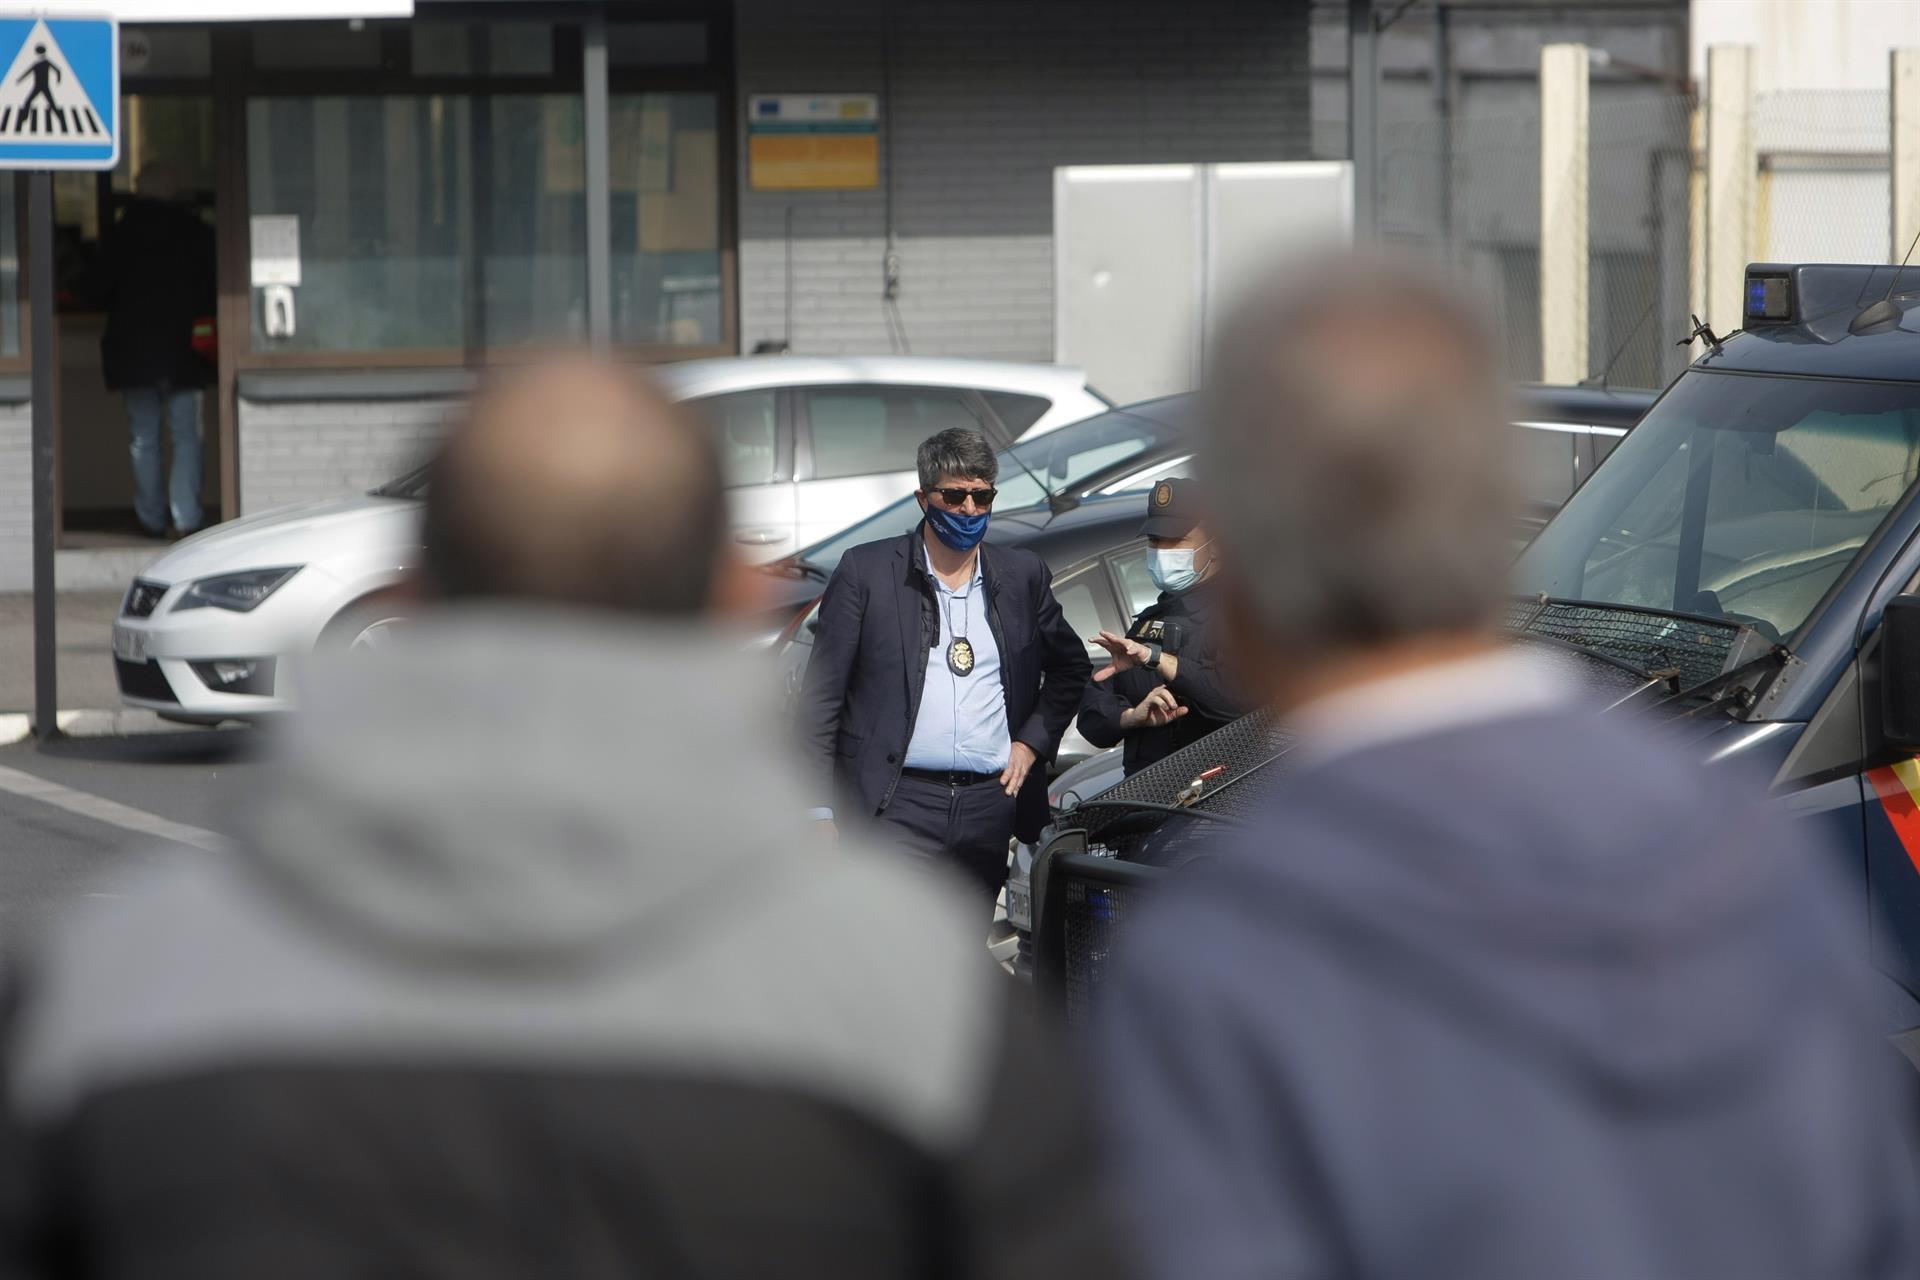 La UDEF realizó un registro en las factorías de Alu Ibérica de A Coruña y Avilés en el marco del juicio en la Audiencia Nacional. E.P.